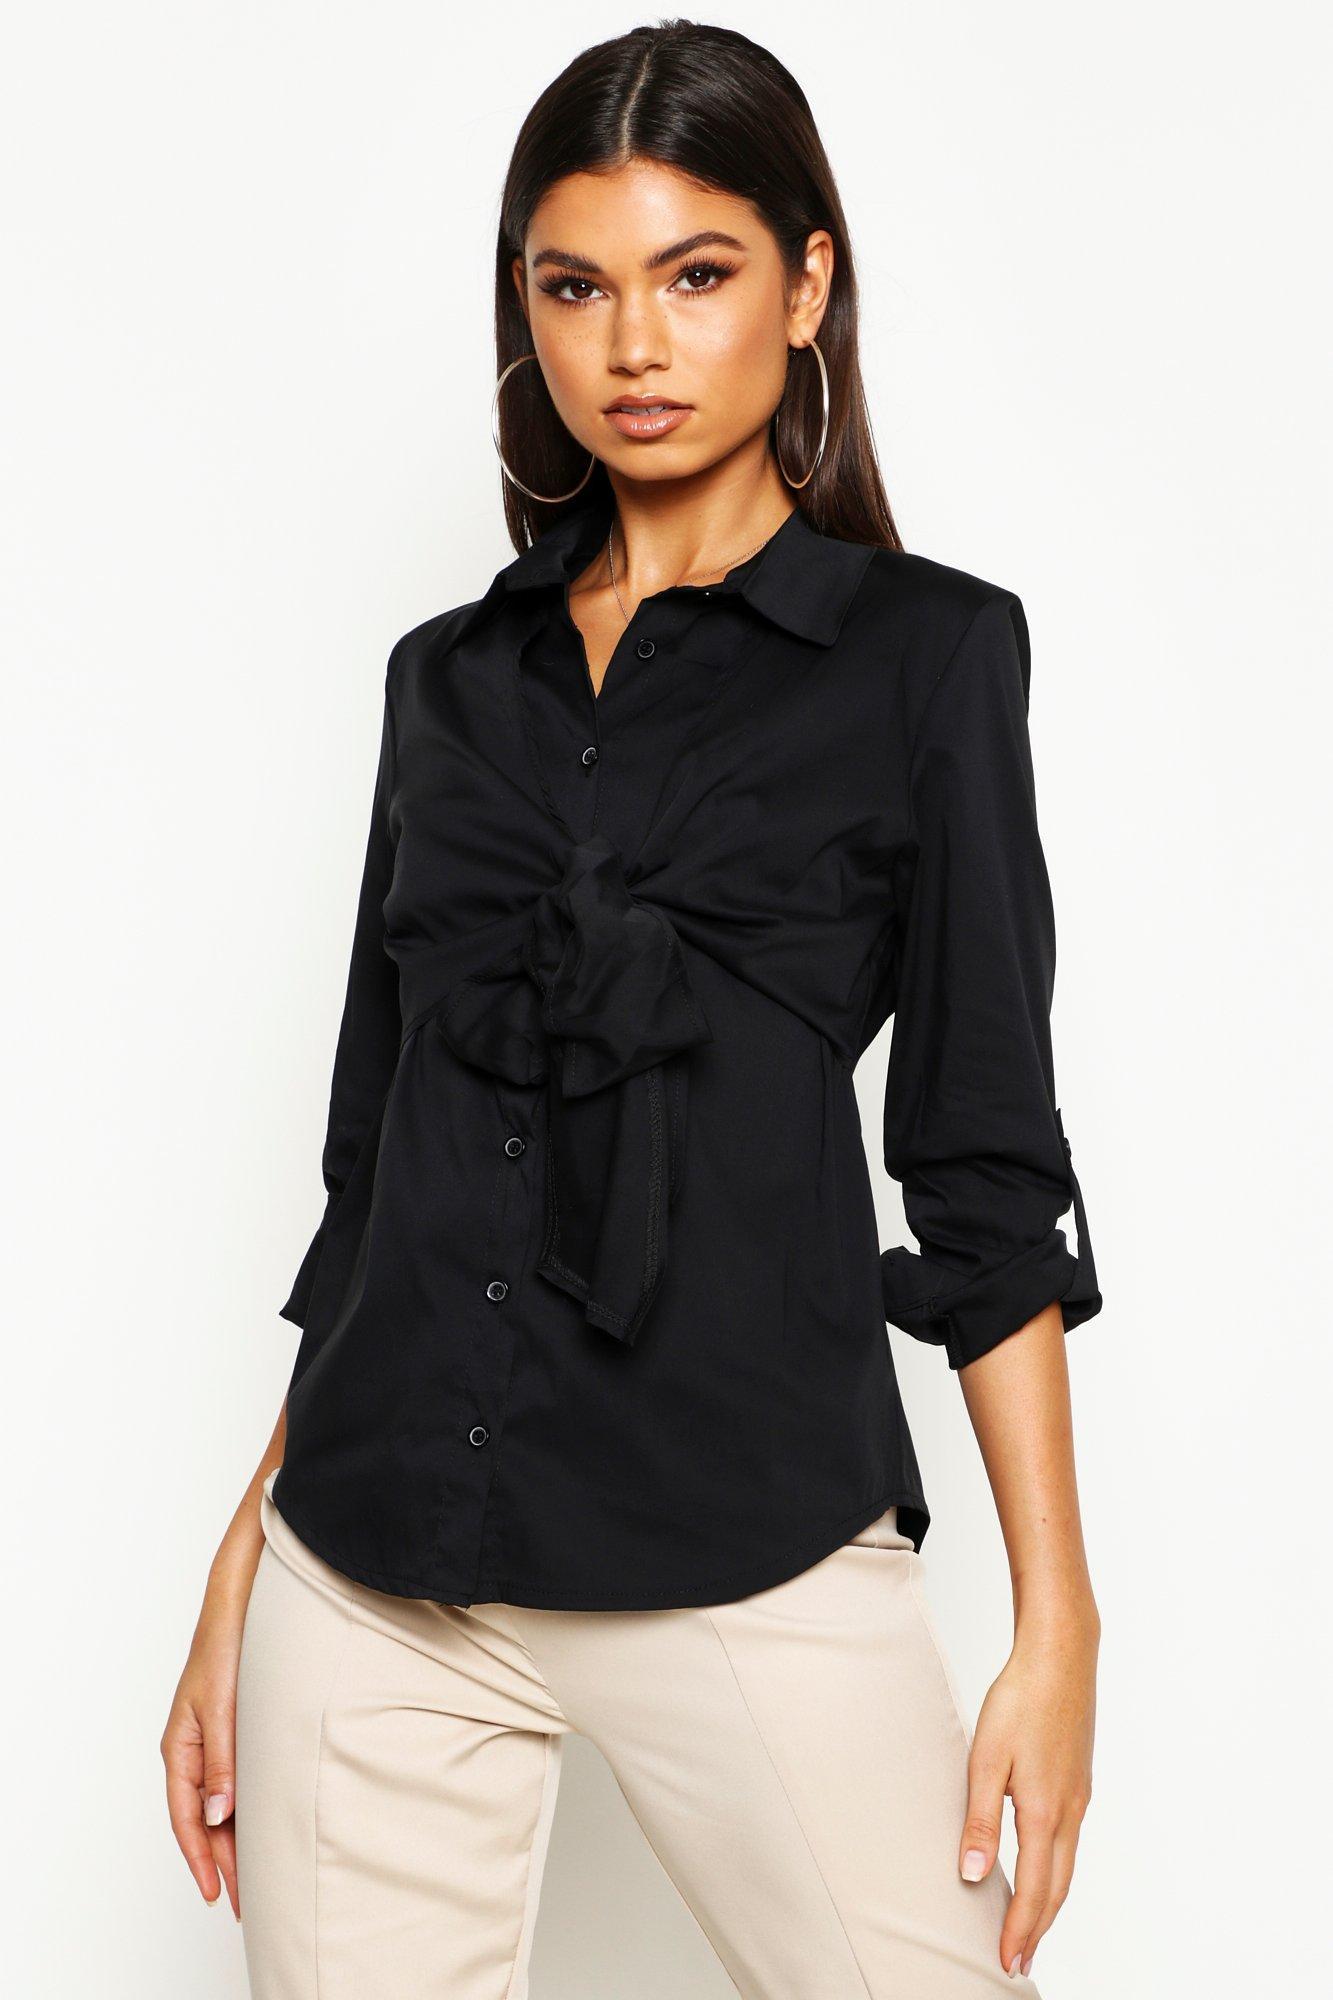 Womens Baumwollhemd mit Zierknoten - schwarz - 34, Schwarz - Boohoo.com